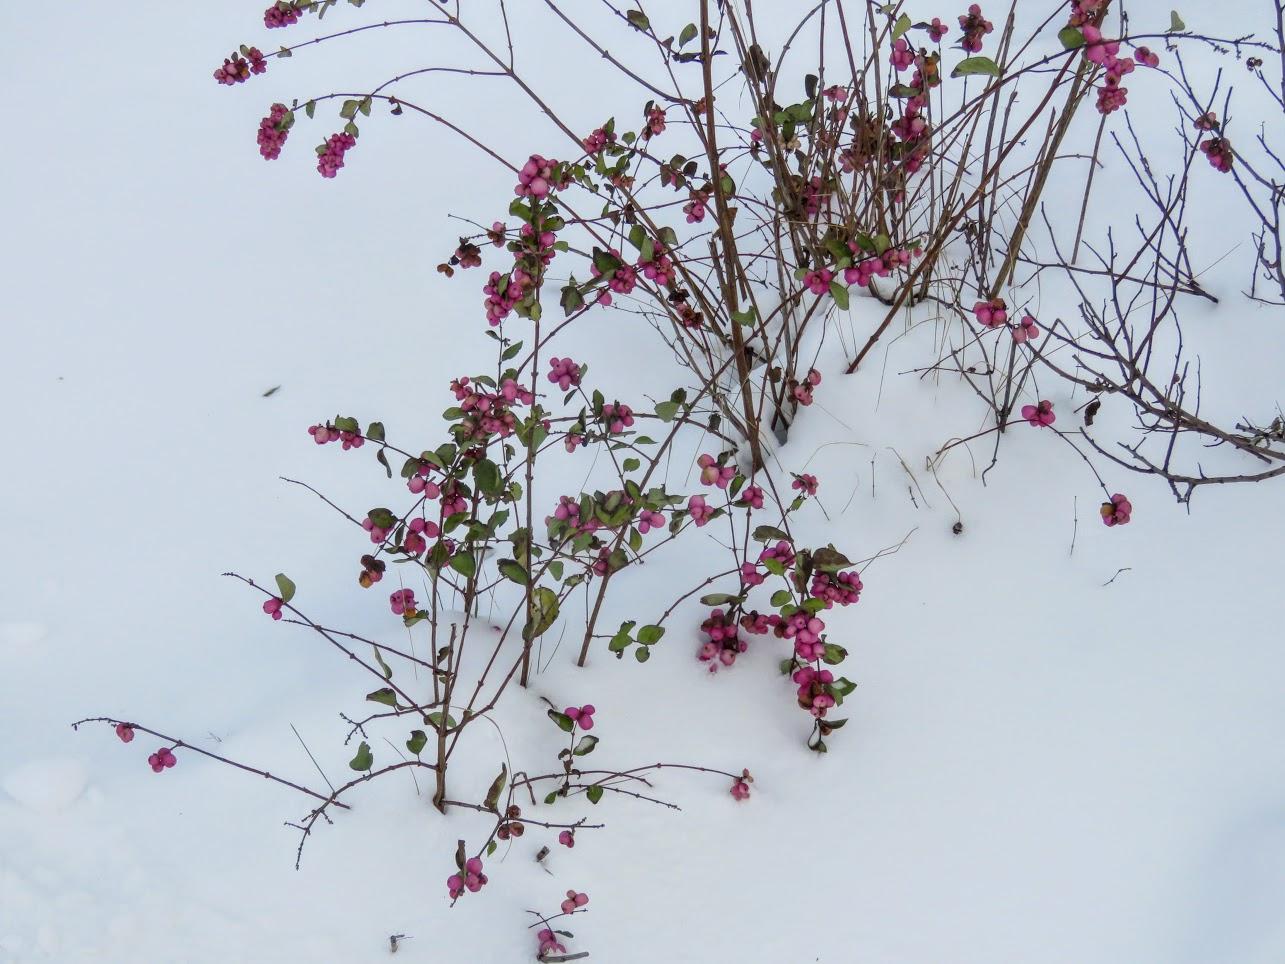 Розовый снежноягодник, снегири и другие прелести дня. Мой Мурыч с утра) IMG 2520